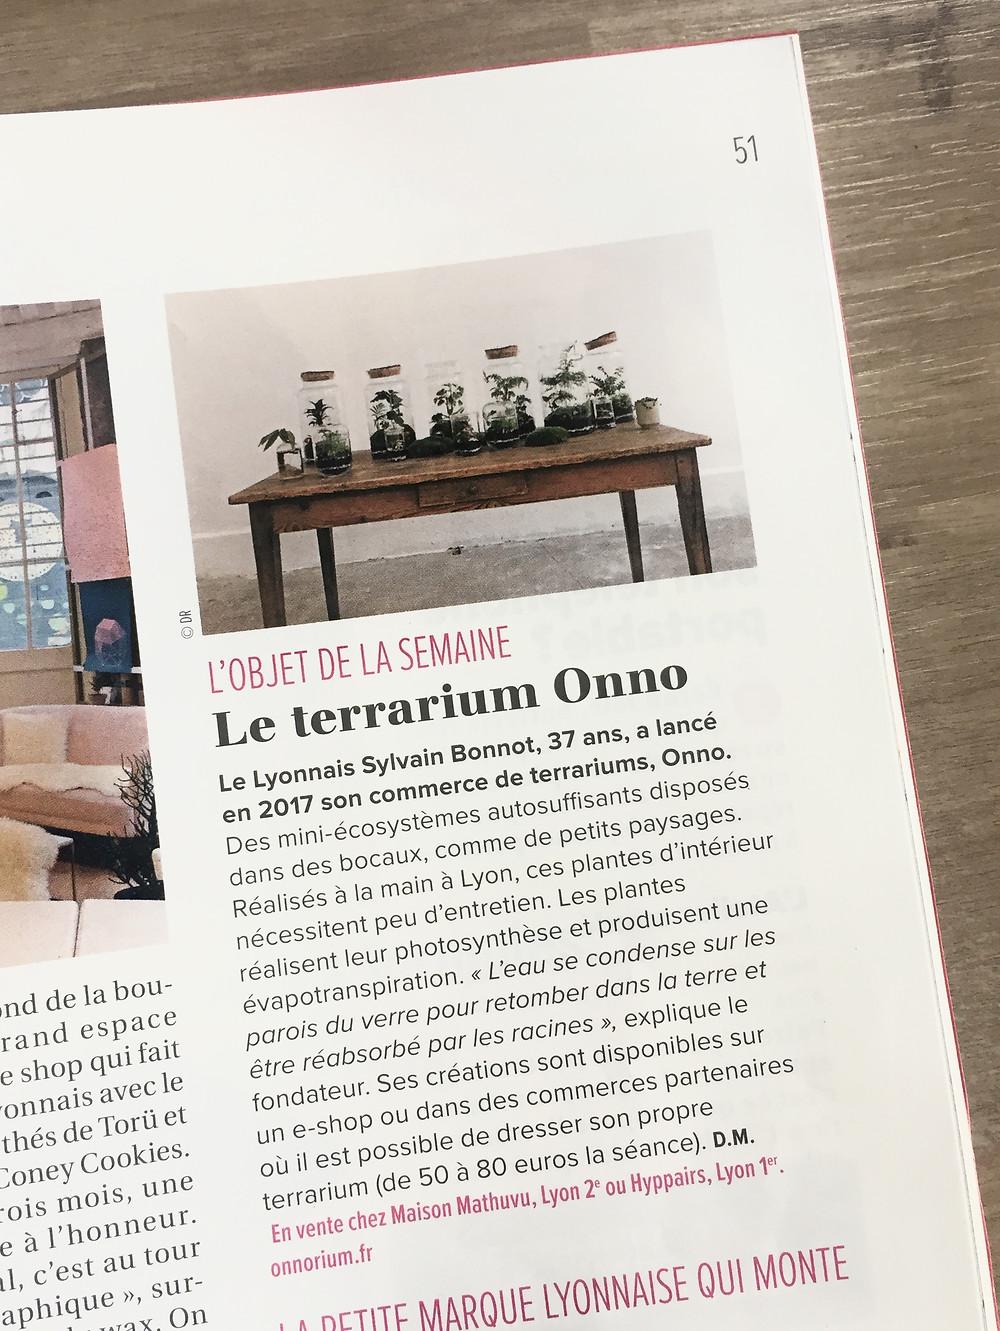 Article Tribune de Lyon sur les terrariums Onno en tant qu'objet de décoration de la semaine